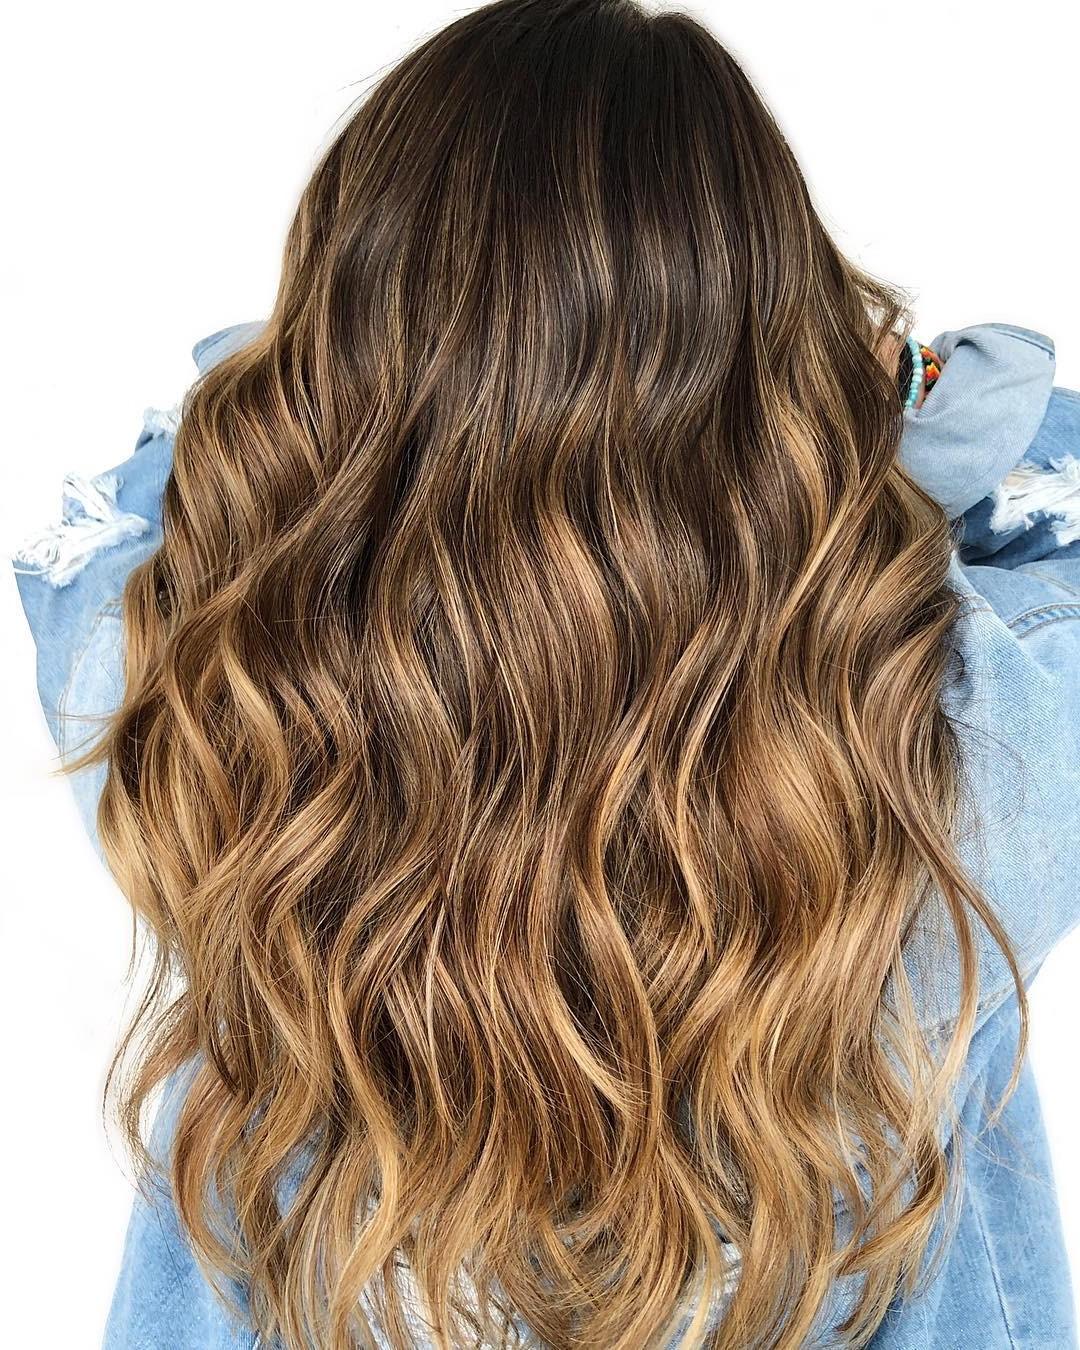 Le balayage imite les parties de vos cheveux qui s'éclairciraient naturellement au soleil.